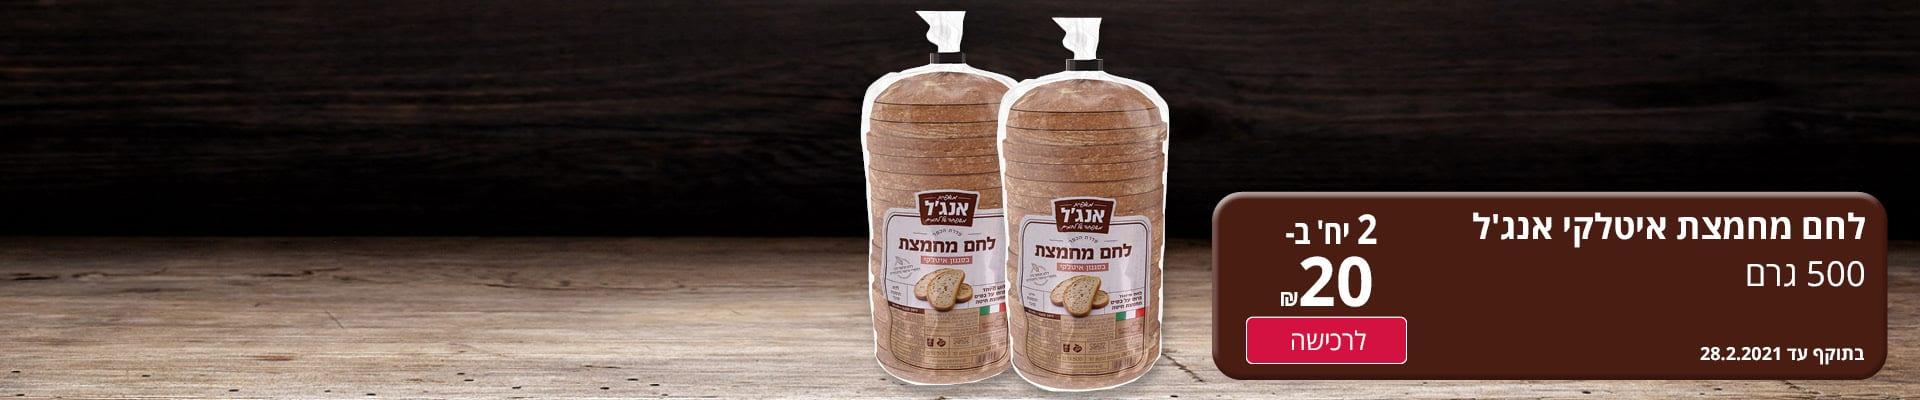 לחם מחמצת איטלקי אנג'ל 500 גרם 2 יח' ב- 20 ₪ לרכישה בתוקף עד 28.2.2021